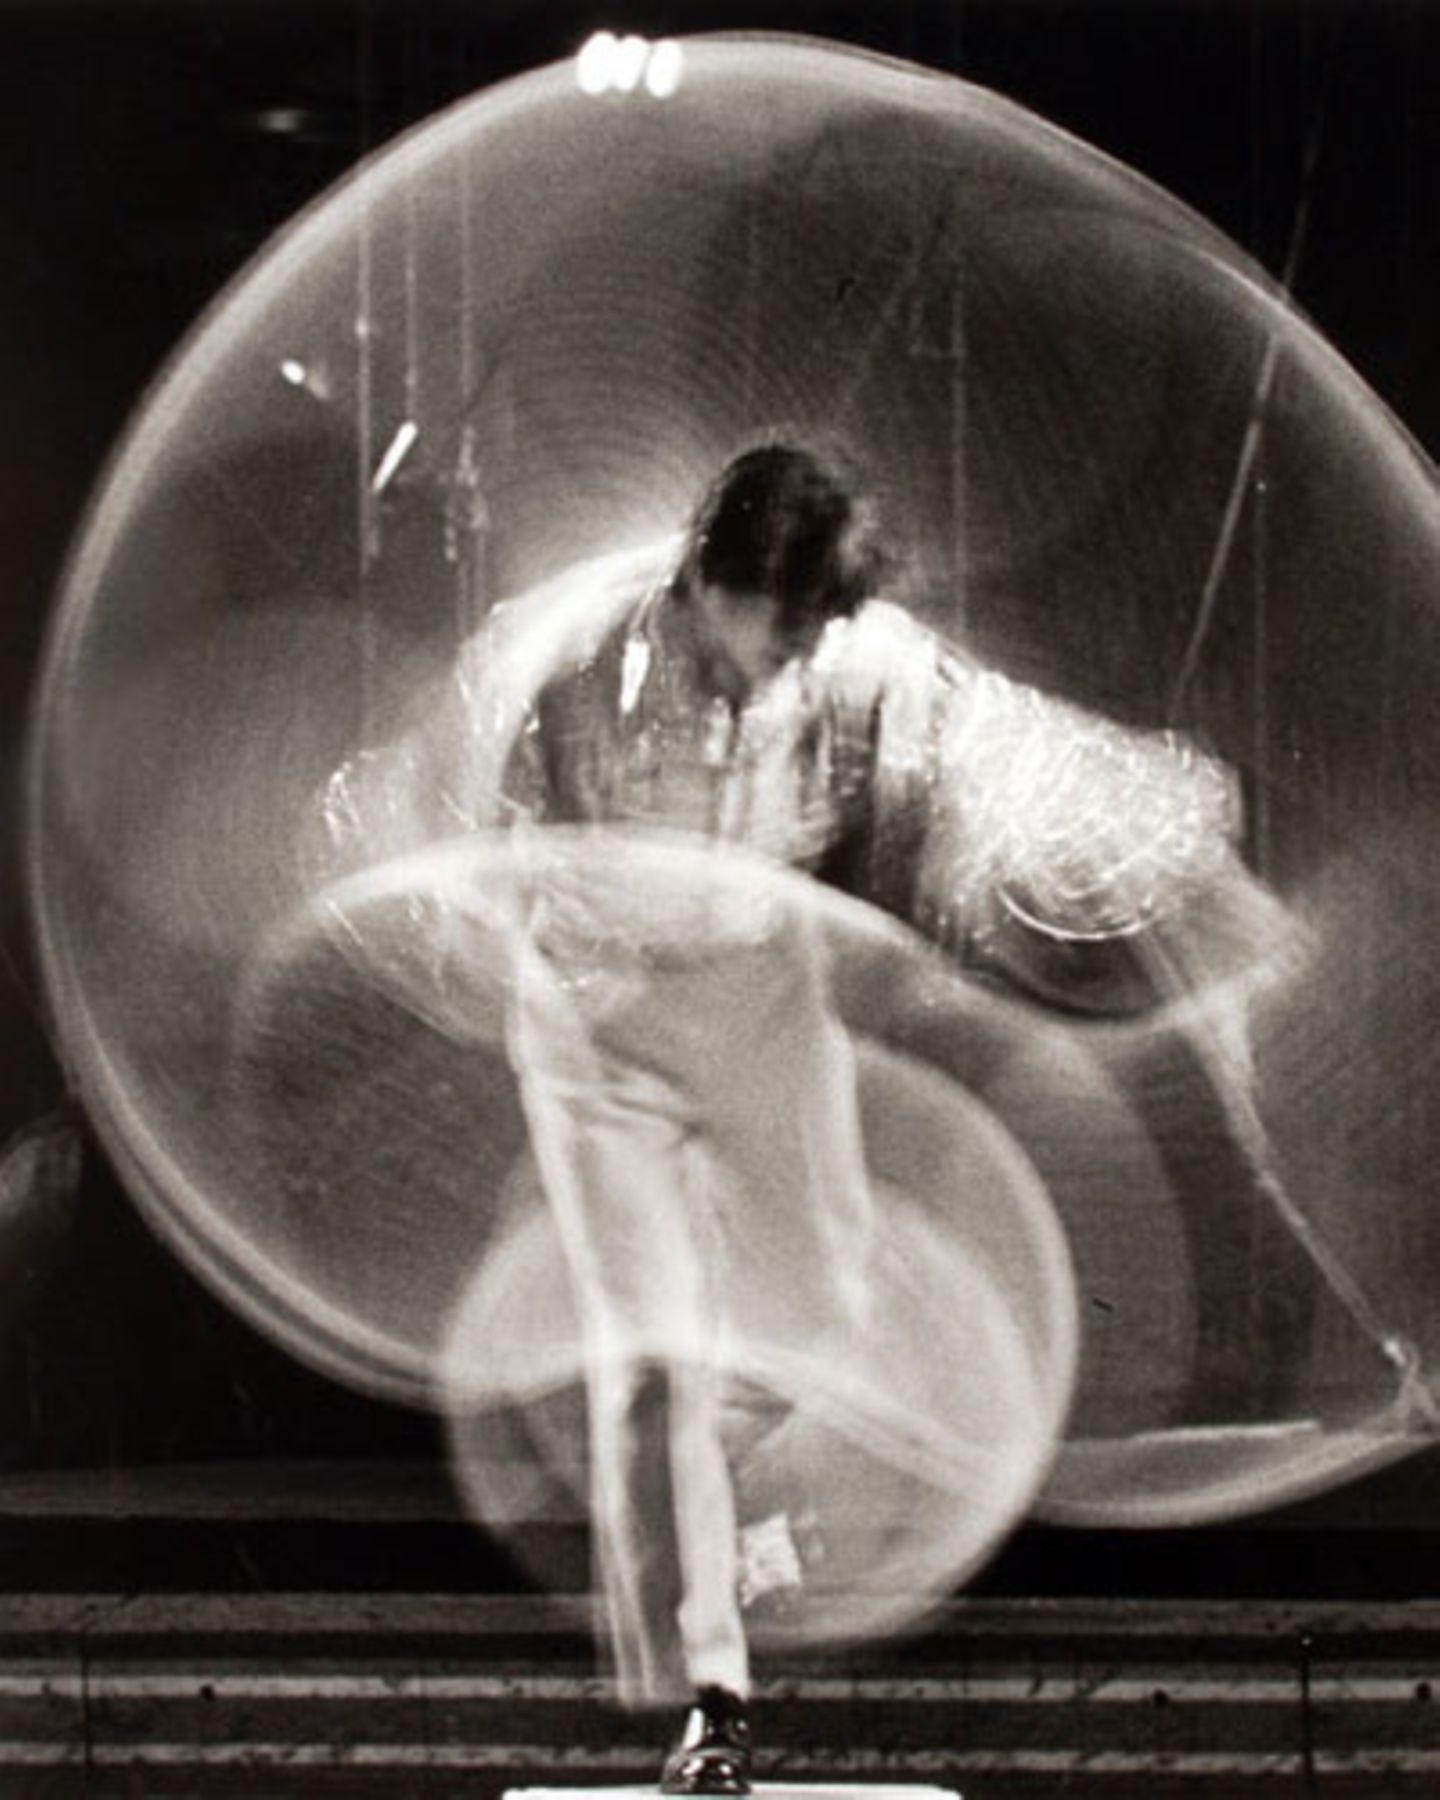 Paul Himmel begann nach seinem Master-Studium der Biologie in den 1940er Jahren mit der Fotografie. 1969 legte er die Kamera wieder aus der Hand, schmiss gemeinsam mit seiner Frau Lillian viele Negative einfach in einen Müllsack. Erst Anfang der 90er wurde der zufällig gefunden. In den 20 Jahren dazwischen arbeitete Himmel erfolgreich als Psychologe, nachdem er ein Psychologiestudium absolviert hatte.